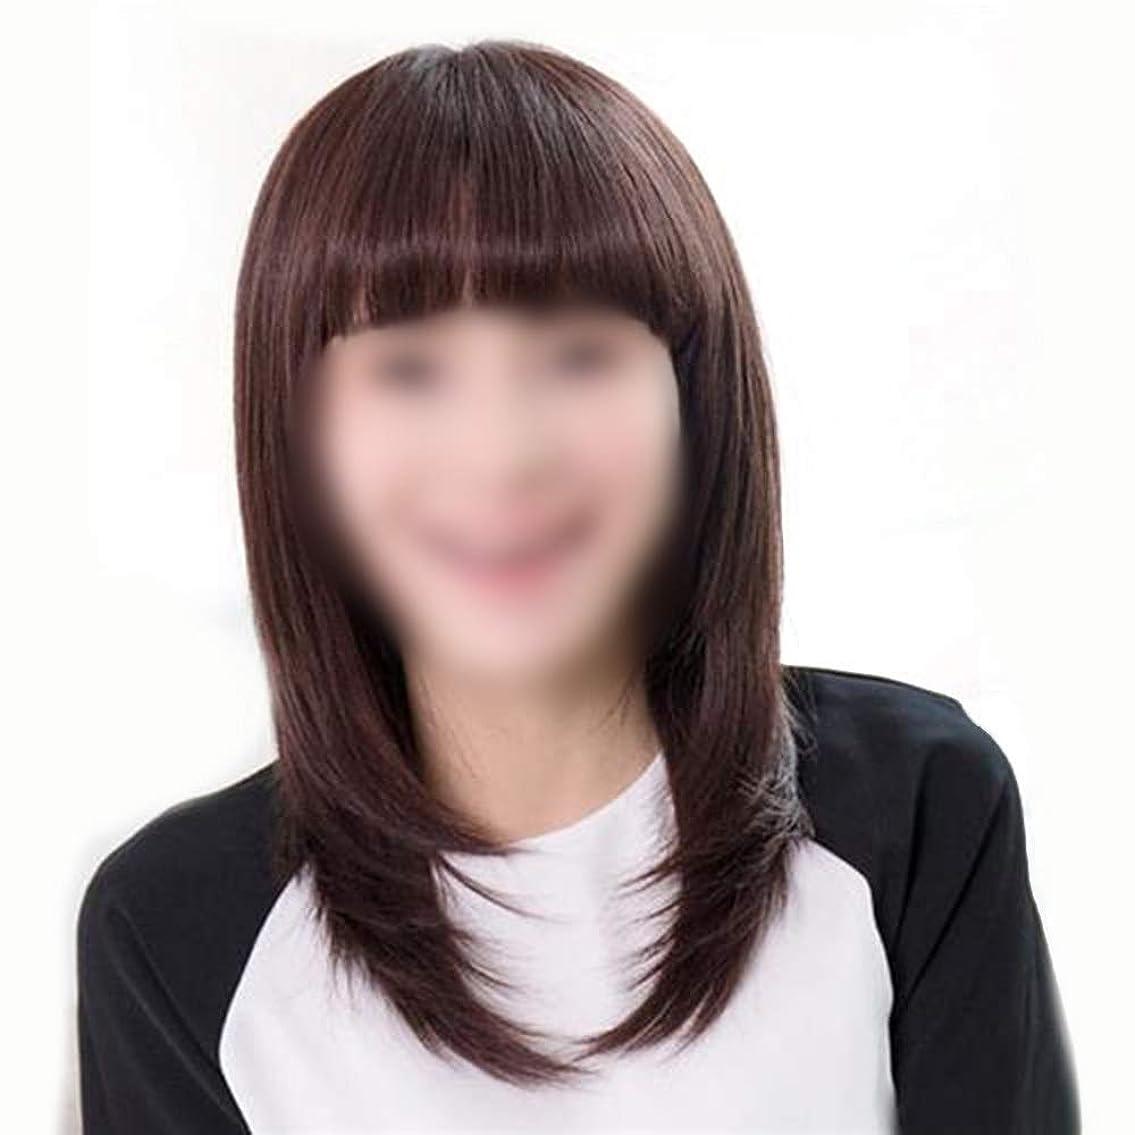 の中で話をする動作BOBIDYEE 女性の長いストレートの髪と前髪バックルマイクロウェーブウィッグパーティーデイリードレス複合ヘアレースウィッグロールプレイングウィッグロングとショートの女性自然 (色 : Dark brown)